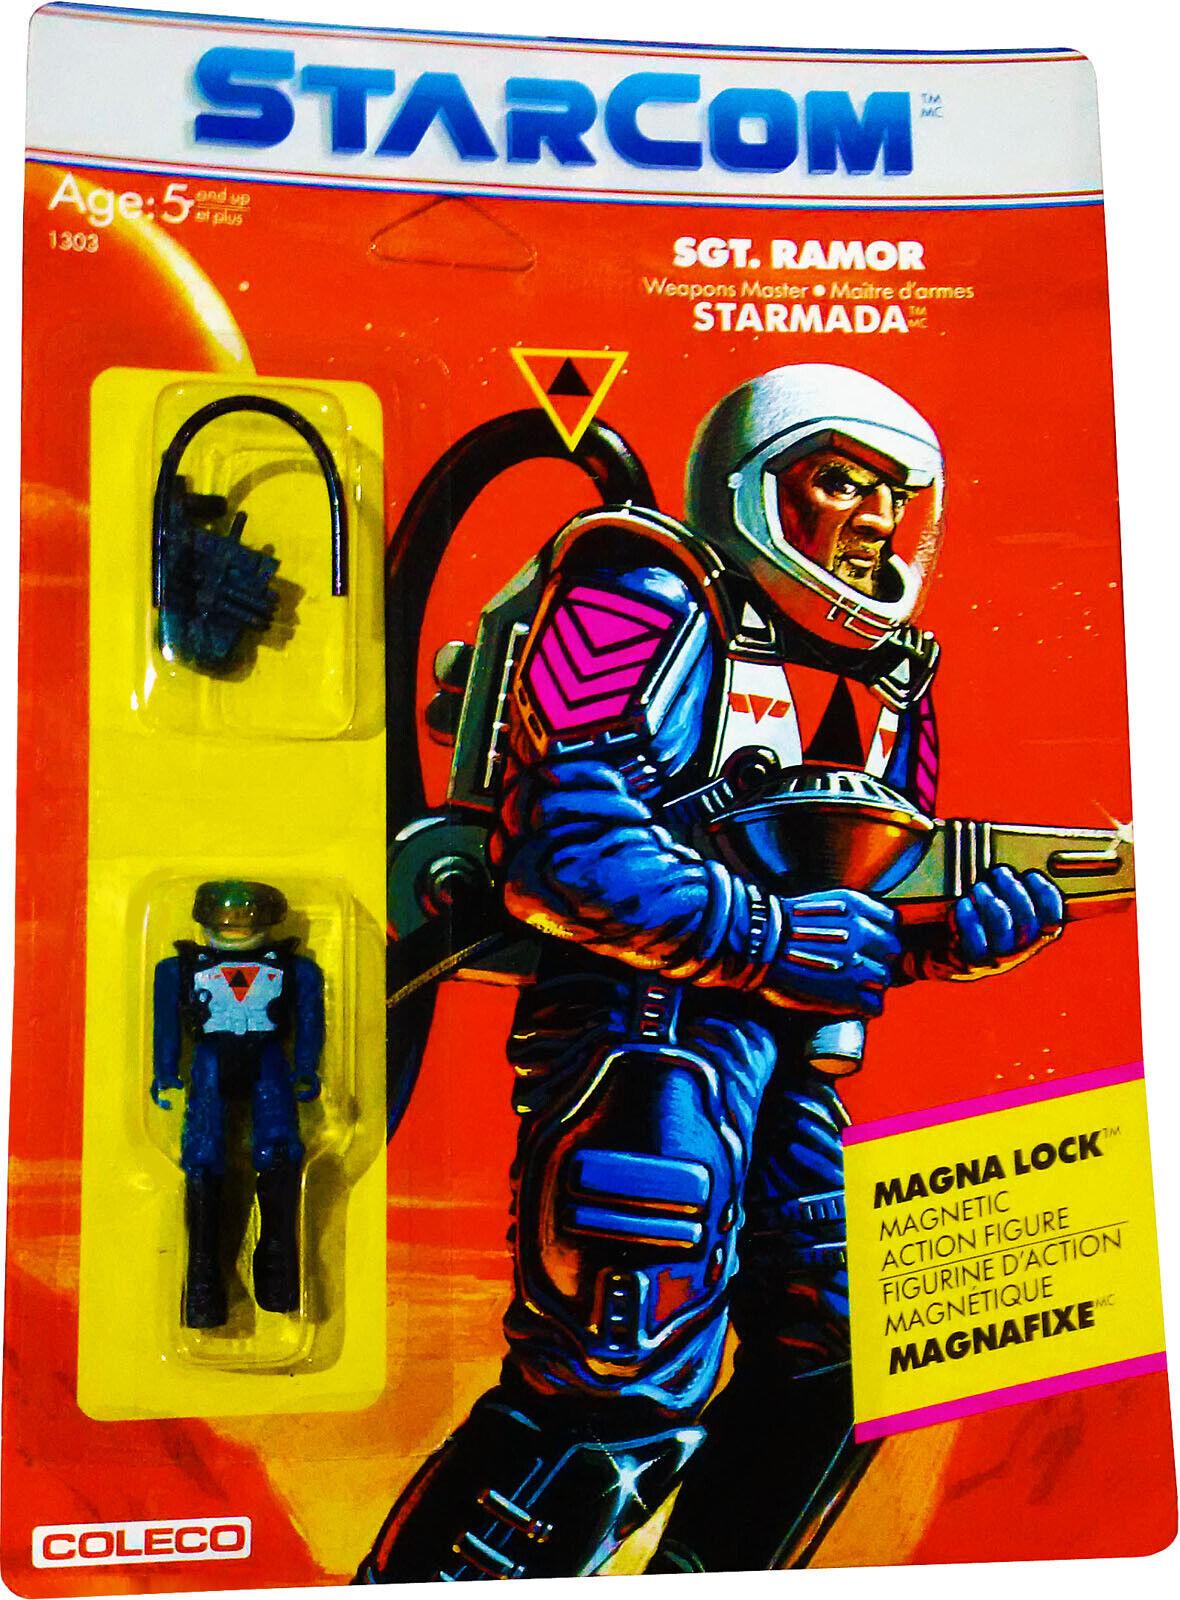 StarCom ™ Sgt. Ramor Figura De Acción-Vintage 1986-como nuevo en tarjeta sellada  nuevo  figura De Acción autoridad él